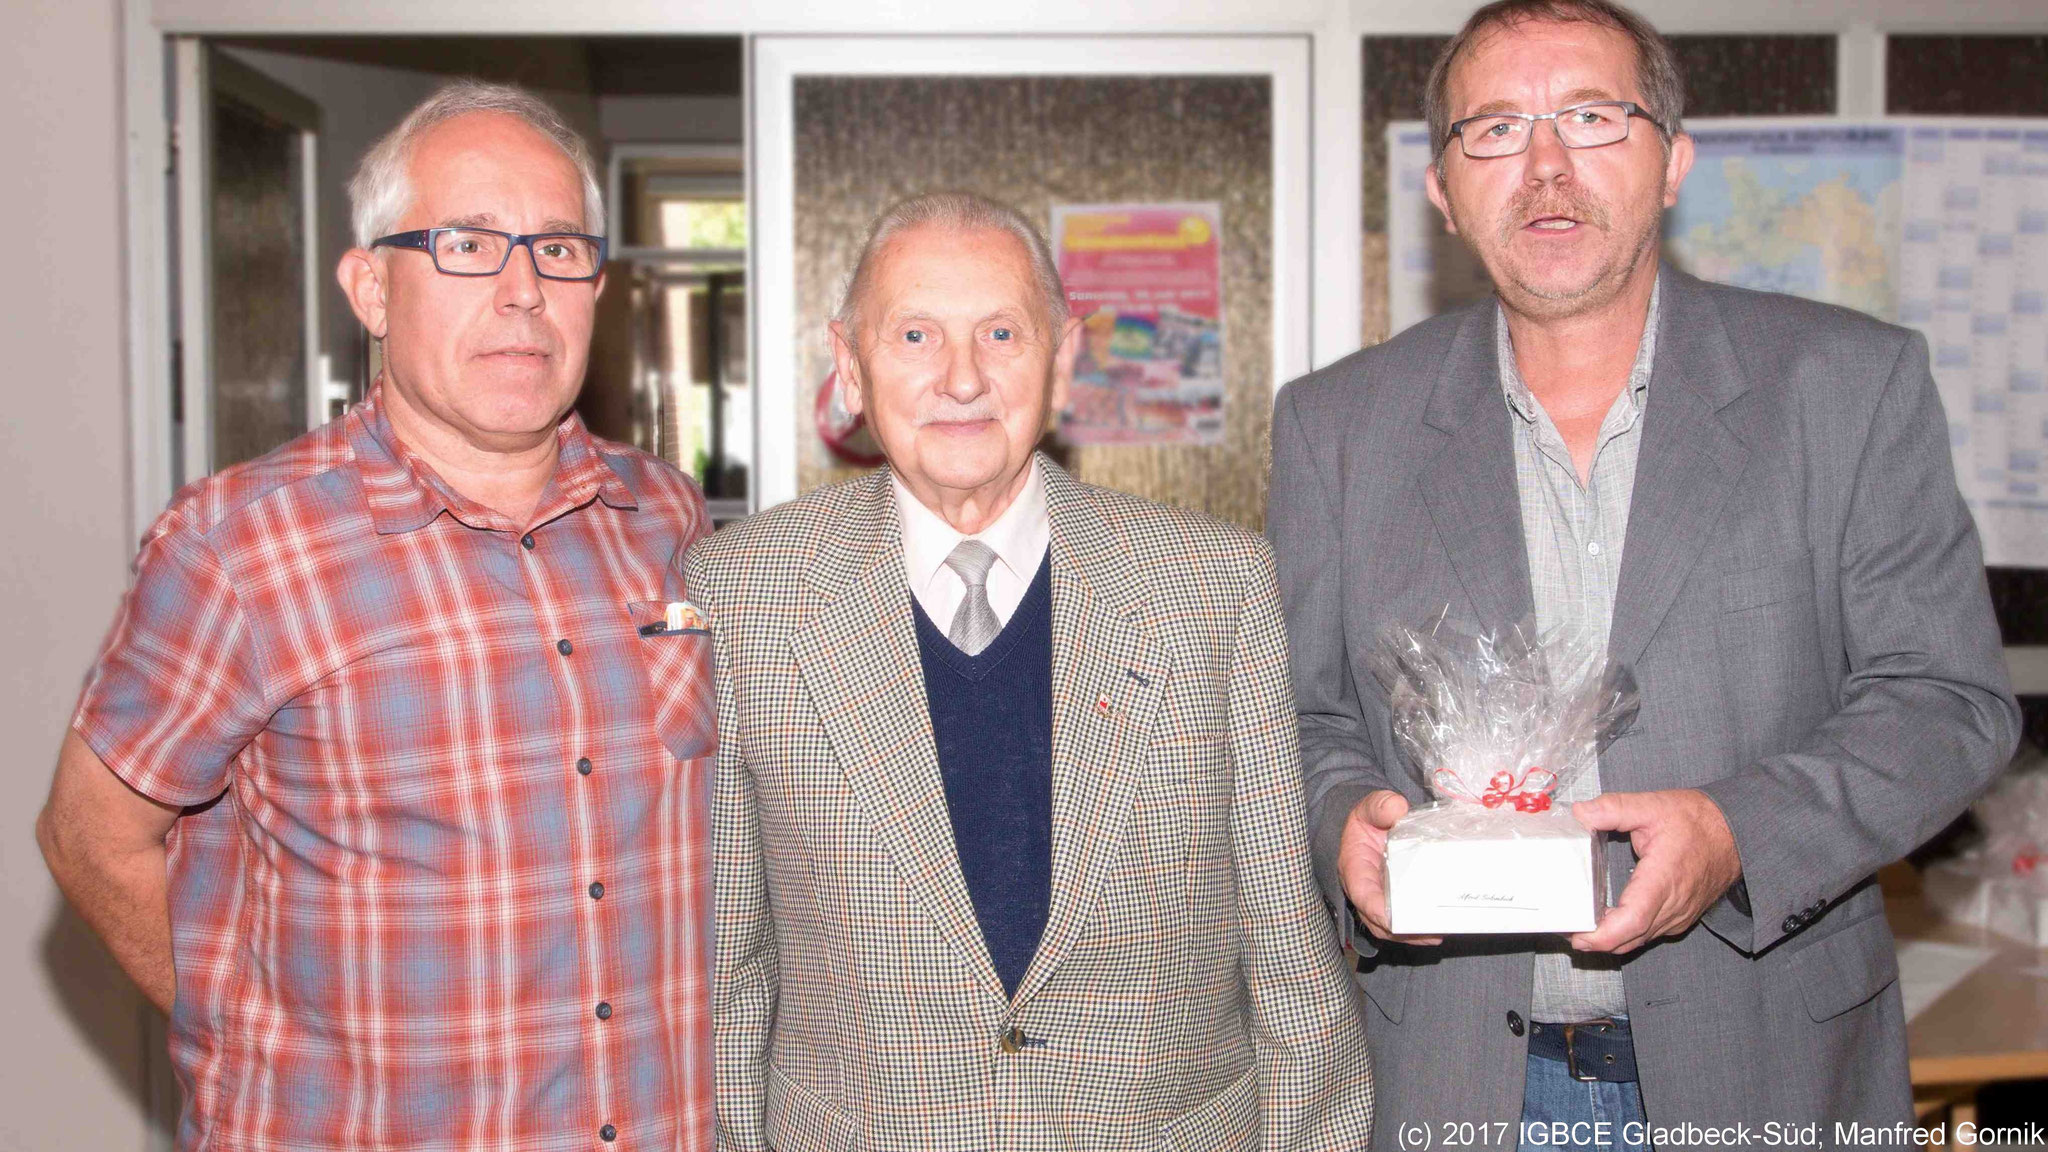 Von links : Wolfgang Sobottka; Alfred Golembeck ( 70 Jahre), Joachim Praetsch (1 Vorsitzender Ortsgruppe Gladbeck-Süd)